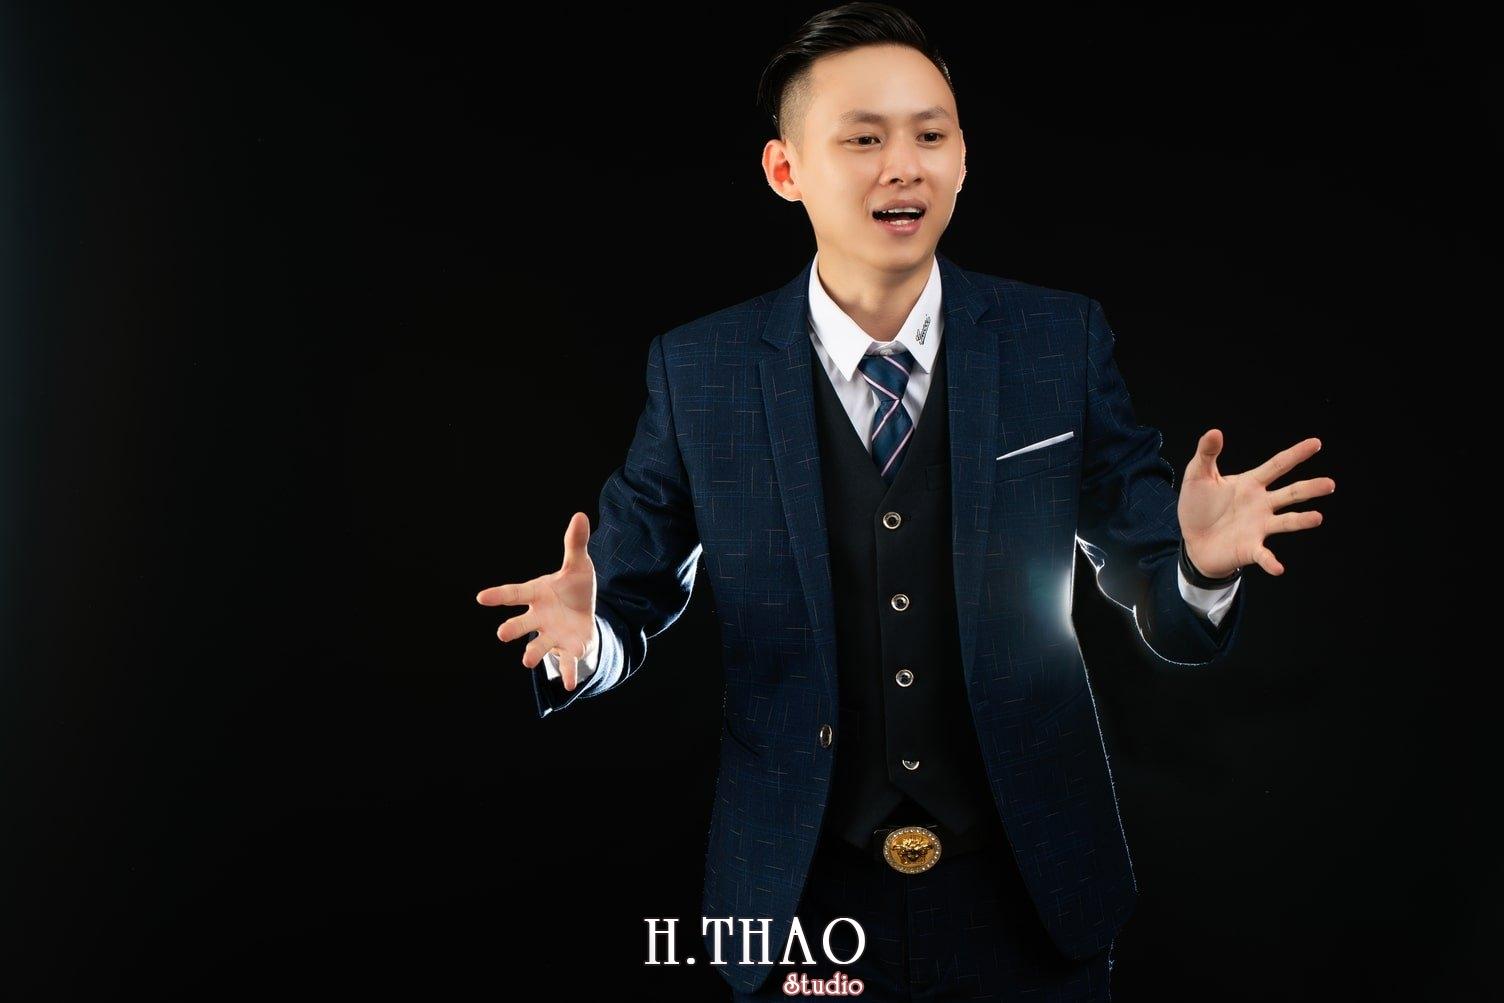 Anh Doanh nhan 1 1 - Tổng hợp album ảnh profile bác sĩ, luật sư, tài chính – HThao Studio